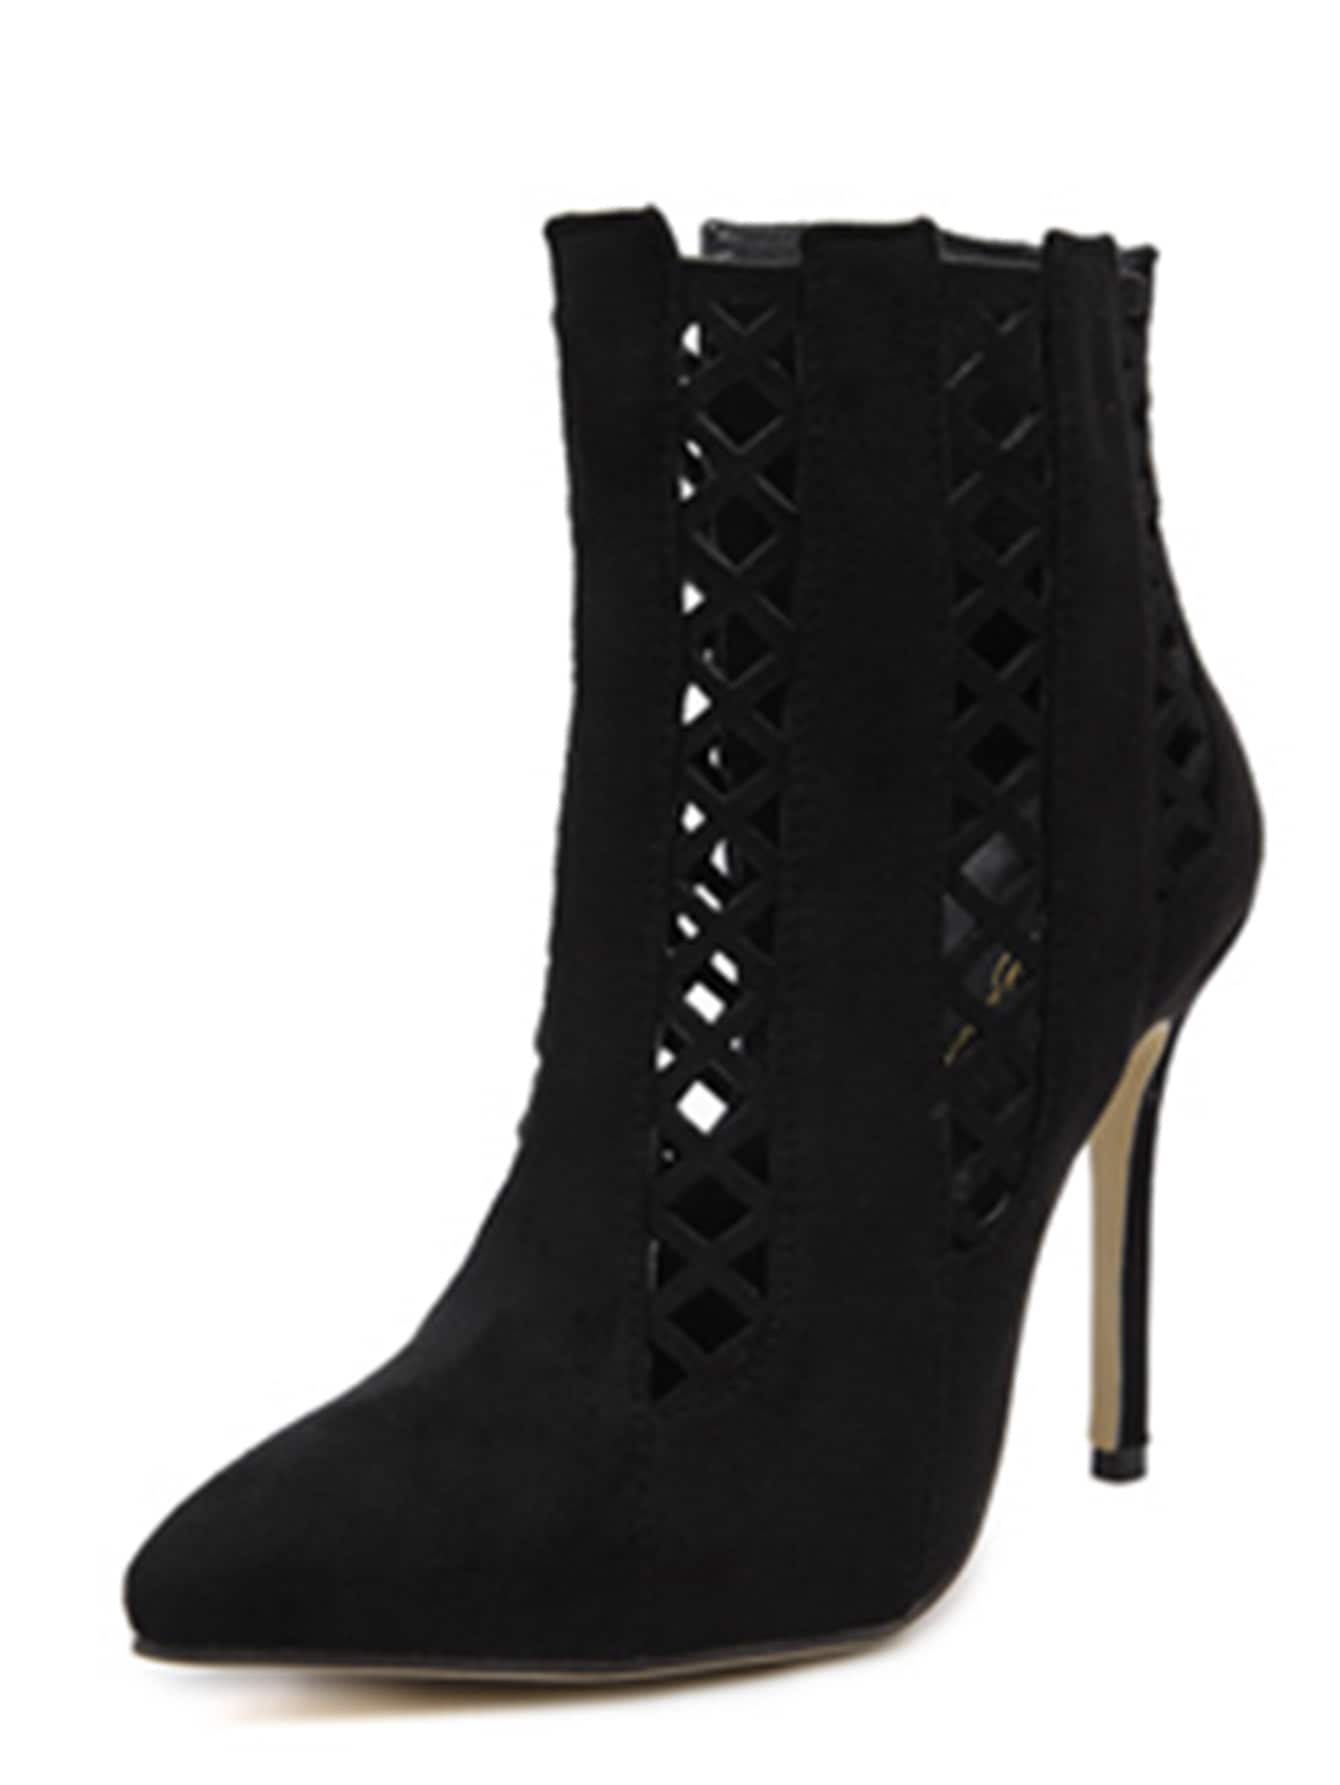 shoes161031808_2